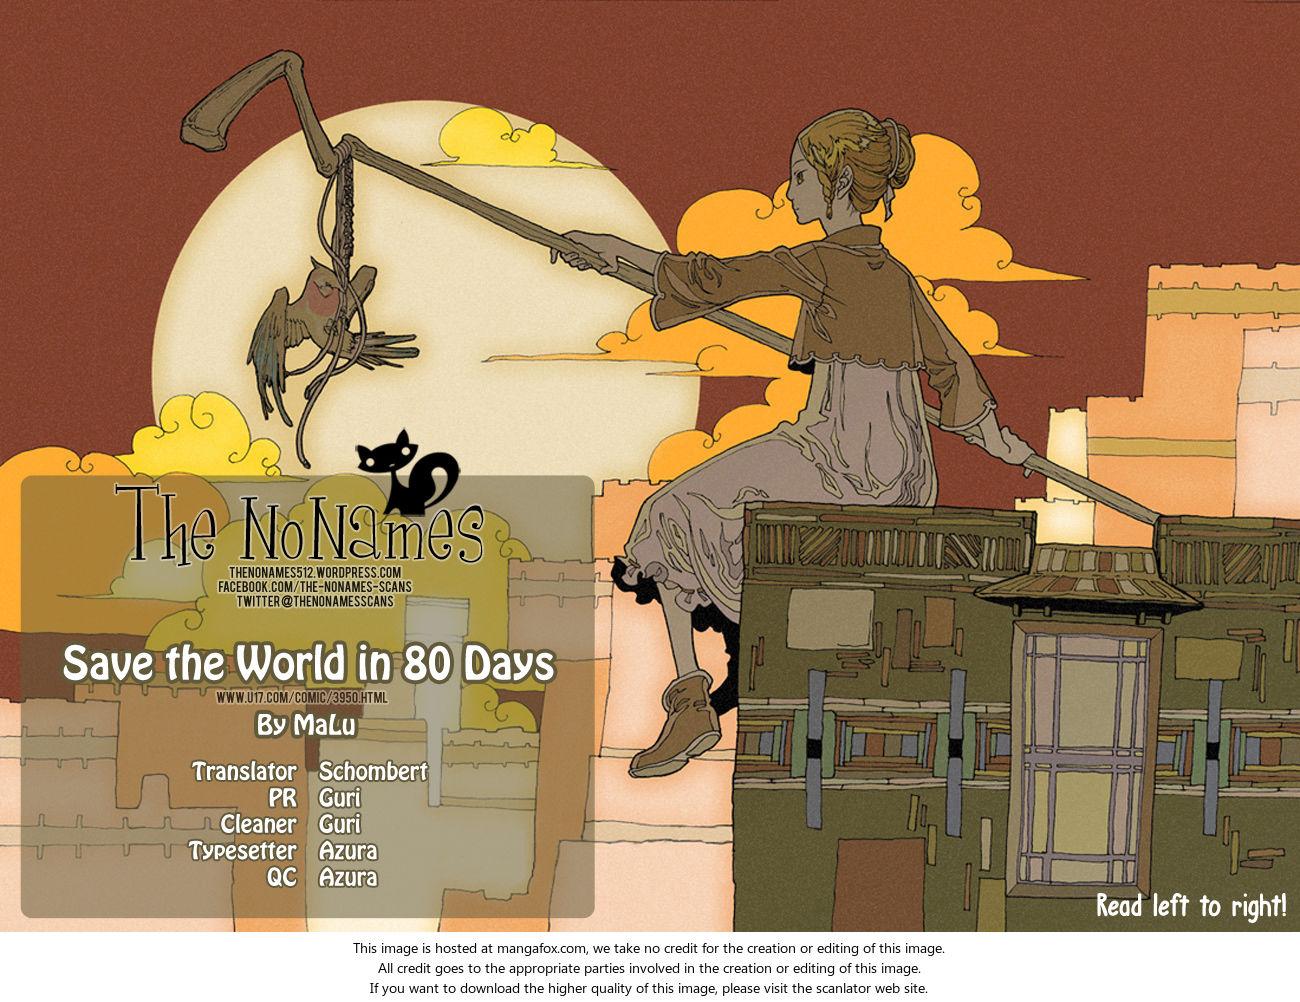 80 Tian Zhengjiu Shijie 31: The 31st Day, Again at MangaFox